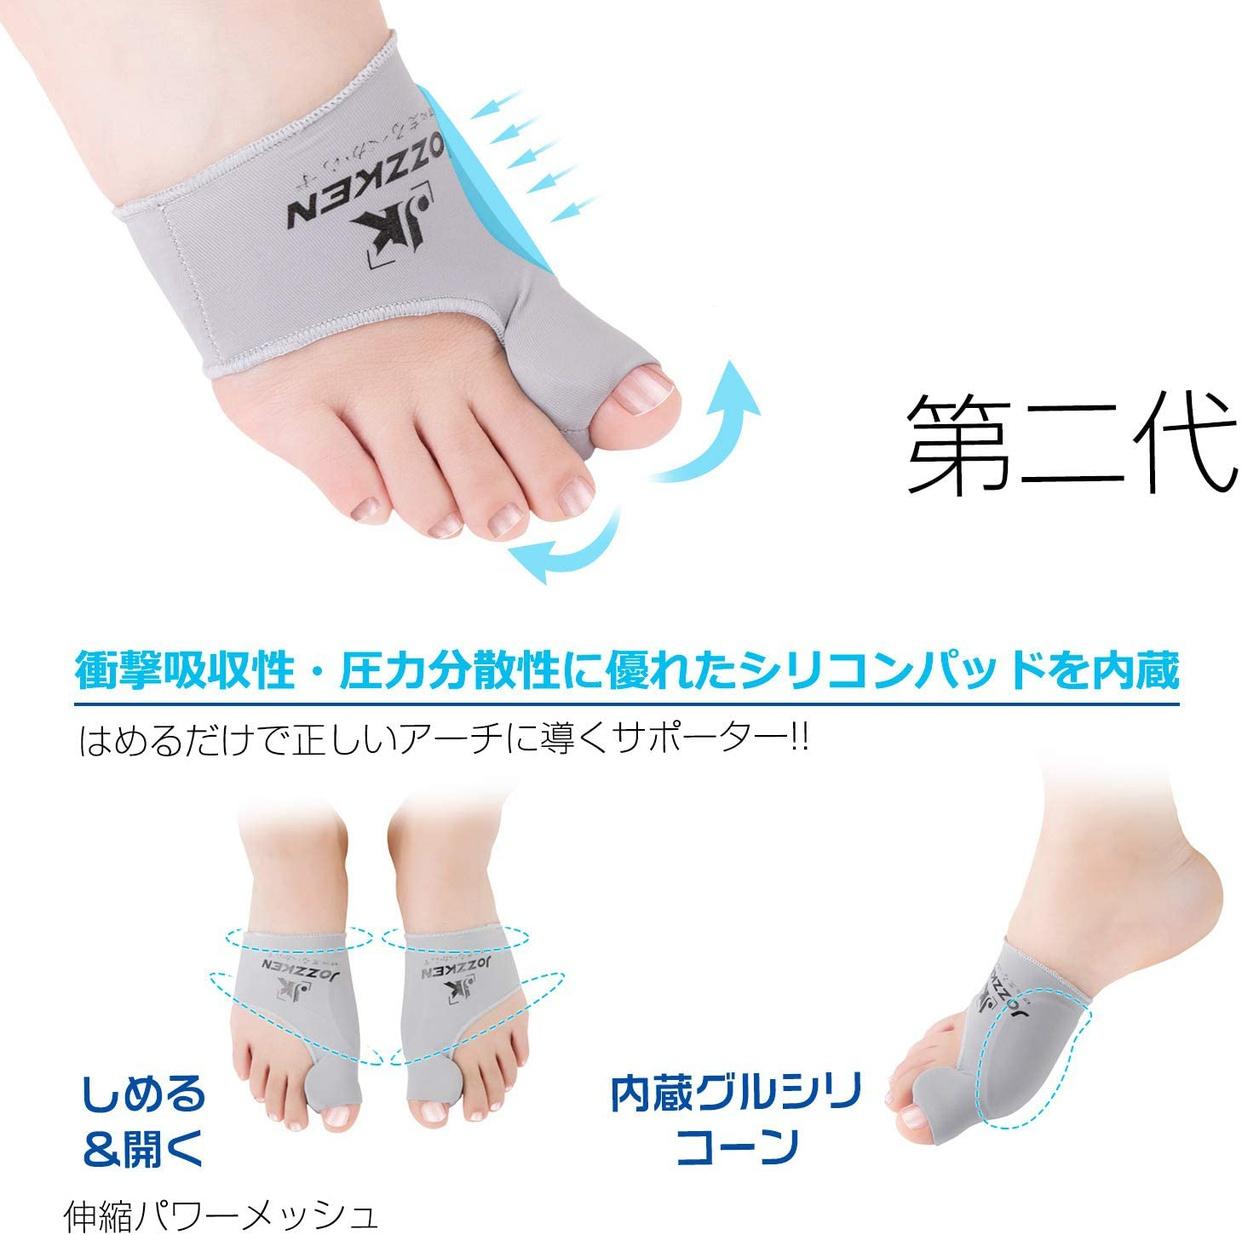 JZK-JAPAN(ジェイゼットケージャパン) 外反母趾サポーターの商品画像2